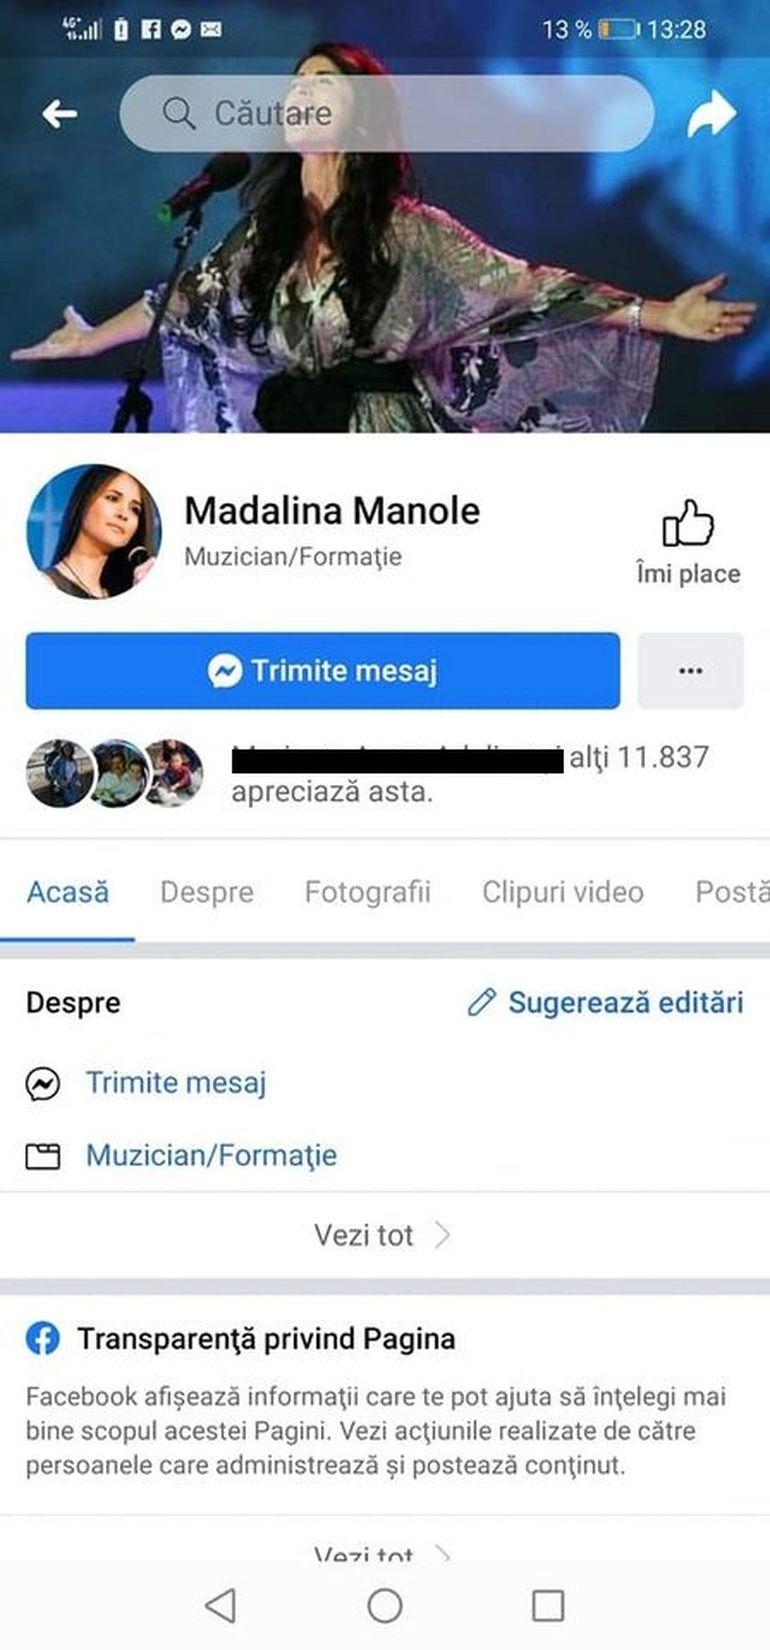 """Revoltător! Imagini video cu Mădălina Manole în sicriu, postate pe pagina artistei! Familia e revoltată: """"Vrei să faci bani de pe urma durerii noastre?"""""""